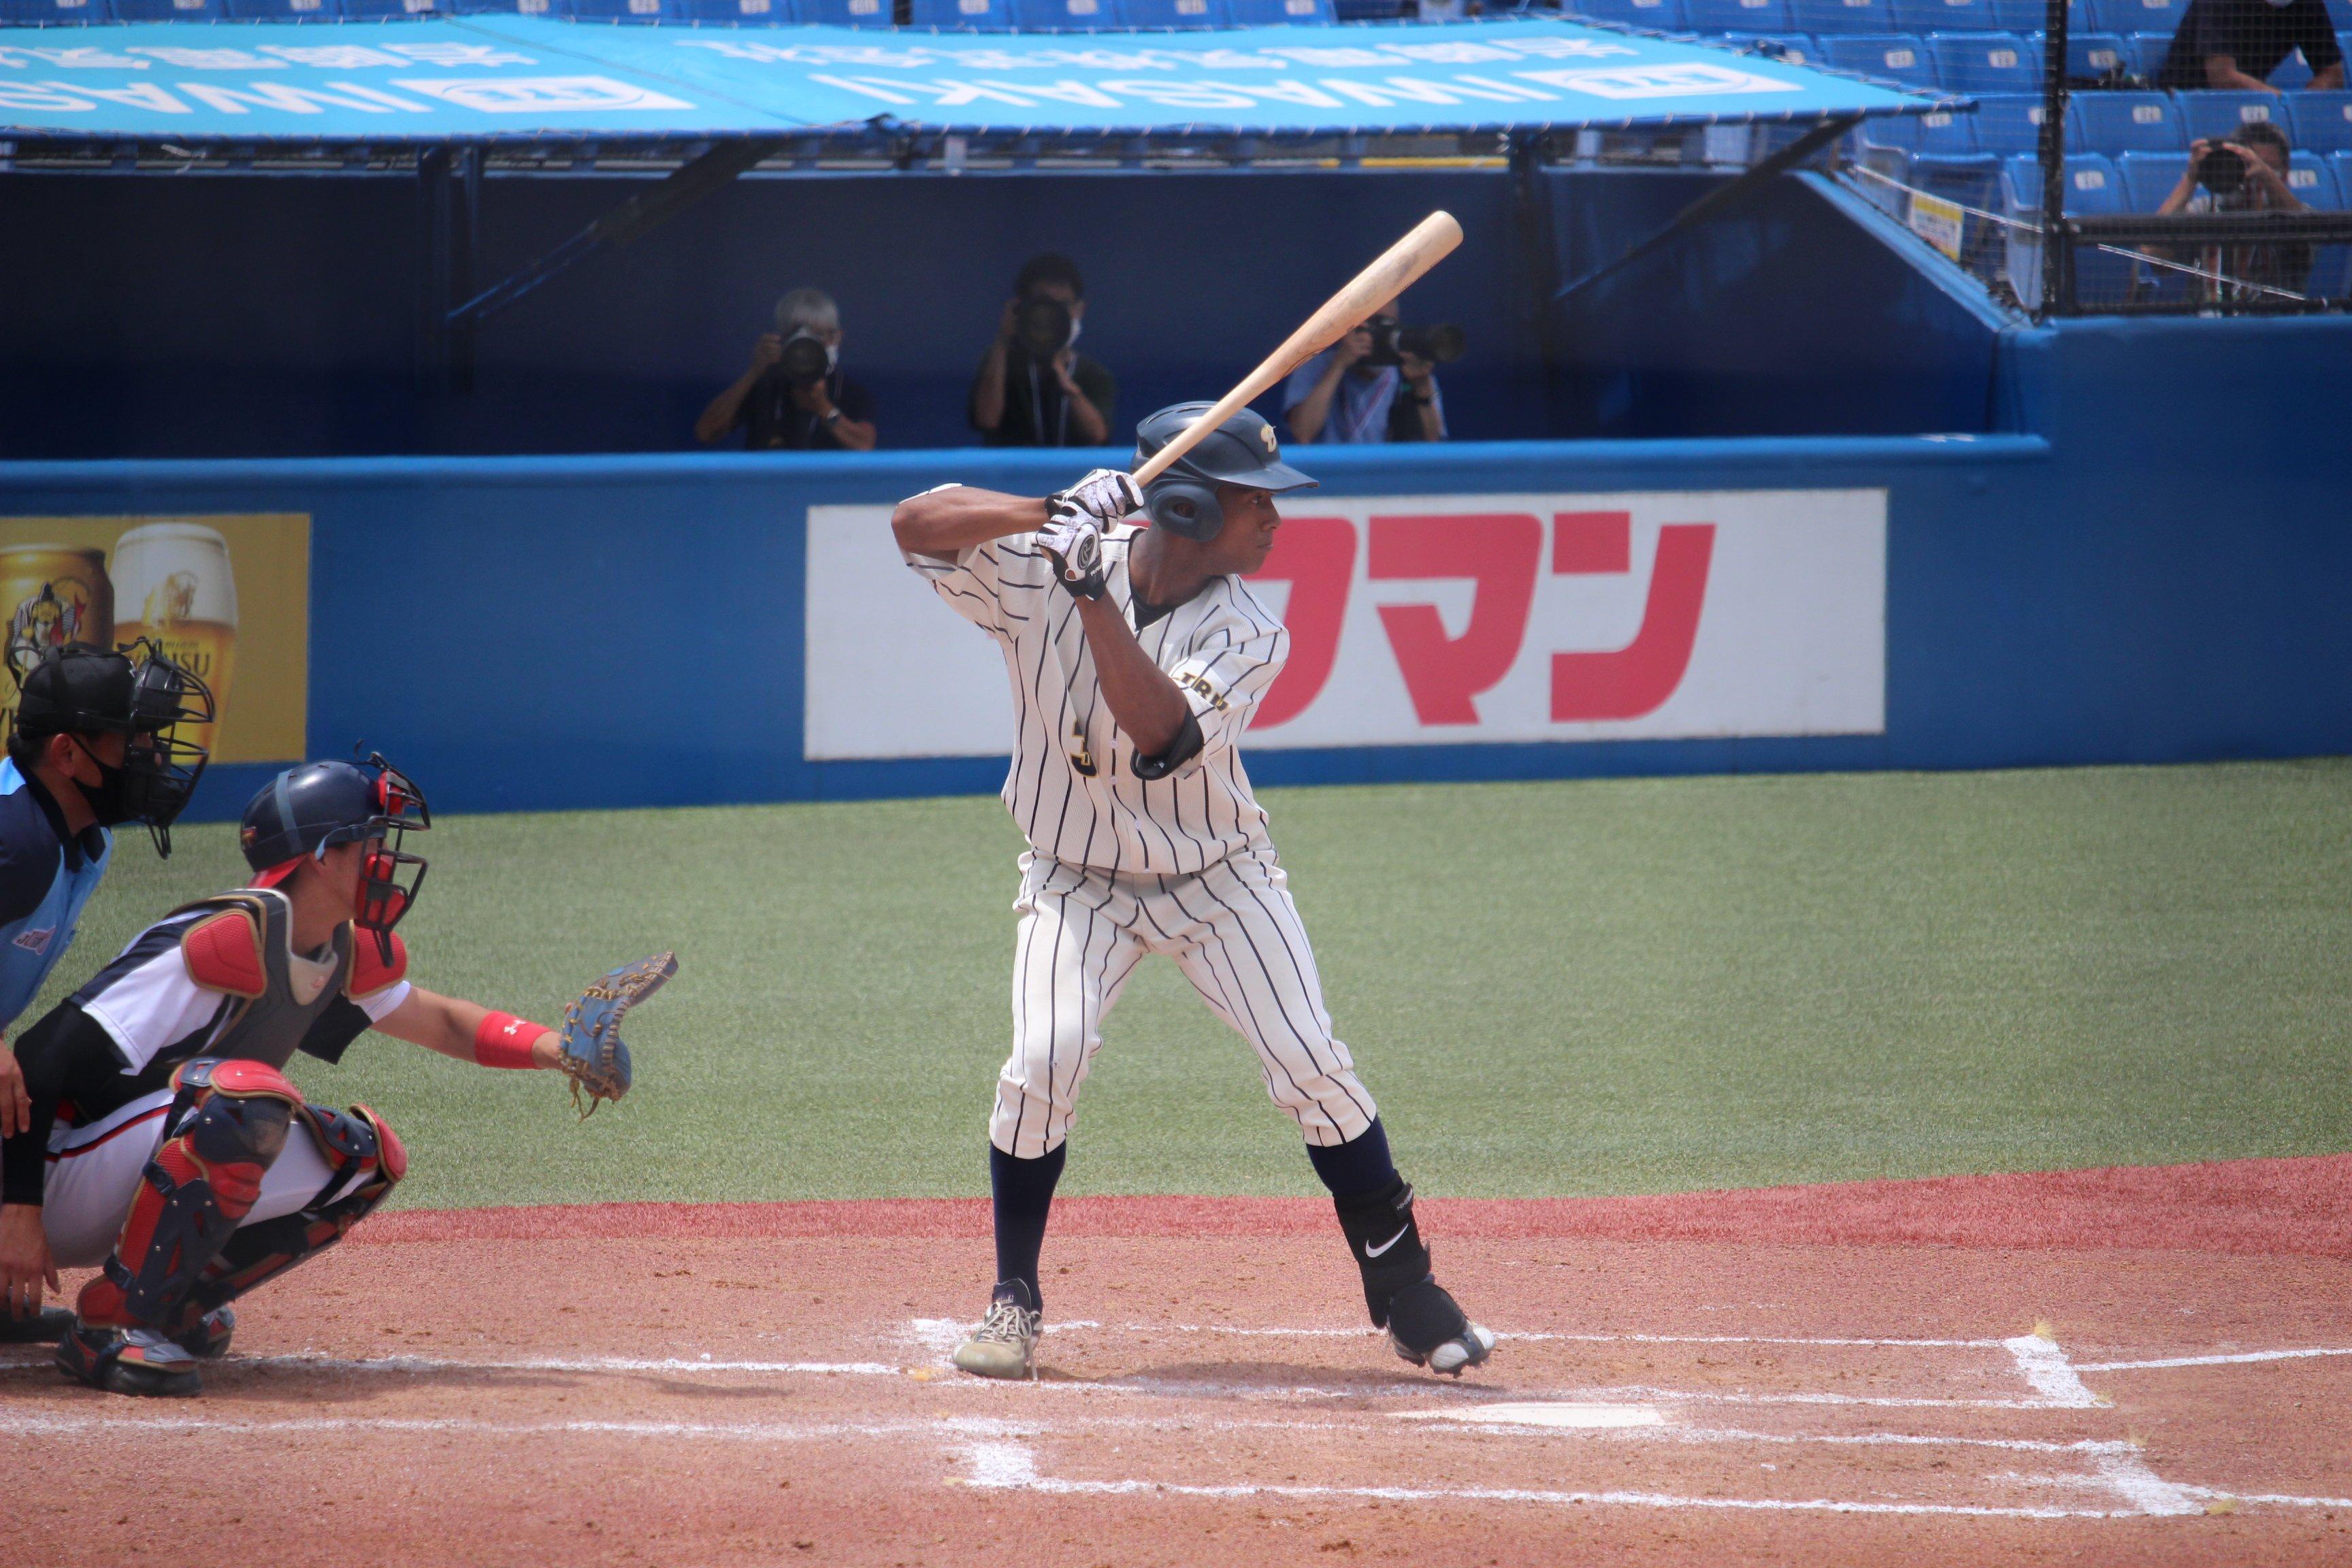 全日本大学野球選手権で左腕・隅田知一郎(ちひろ)からホームランを放ったブライト健太 ©︎Yu Takagi